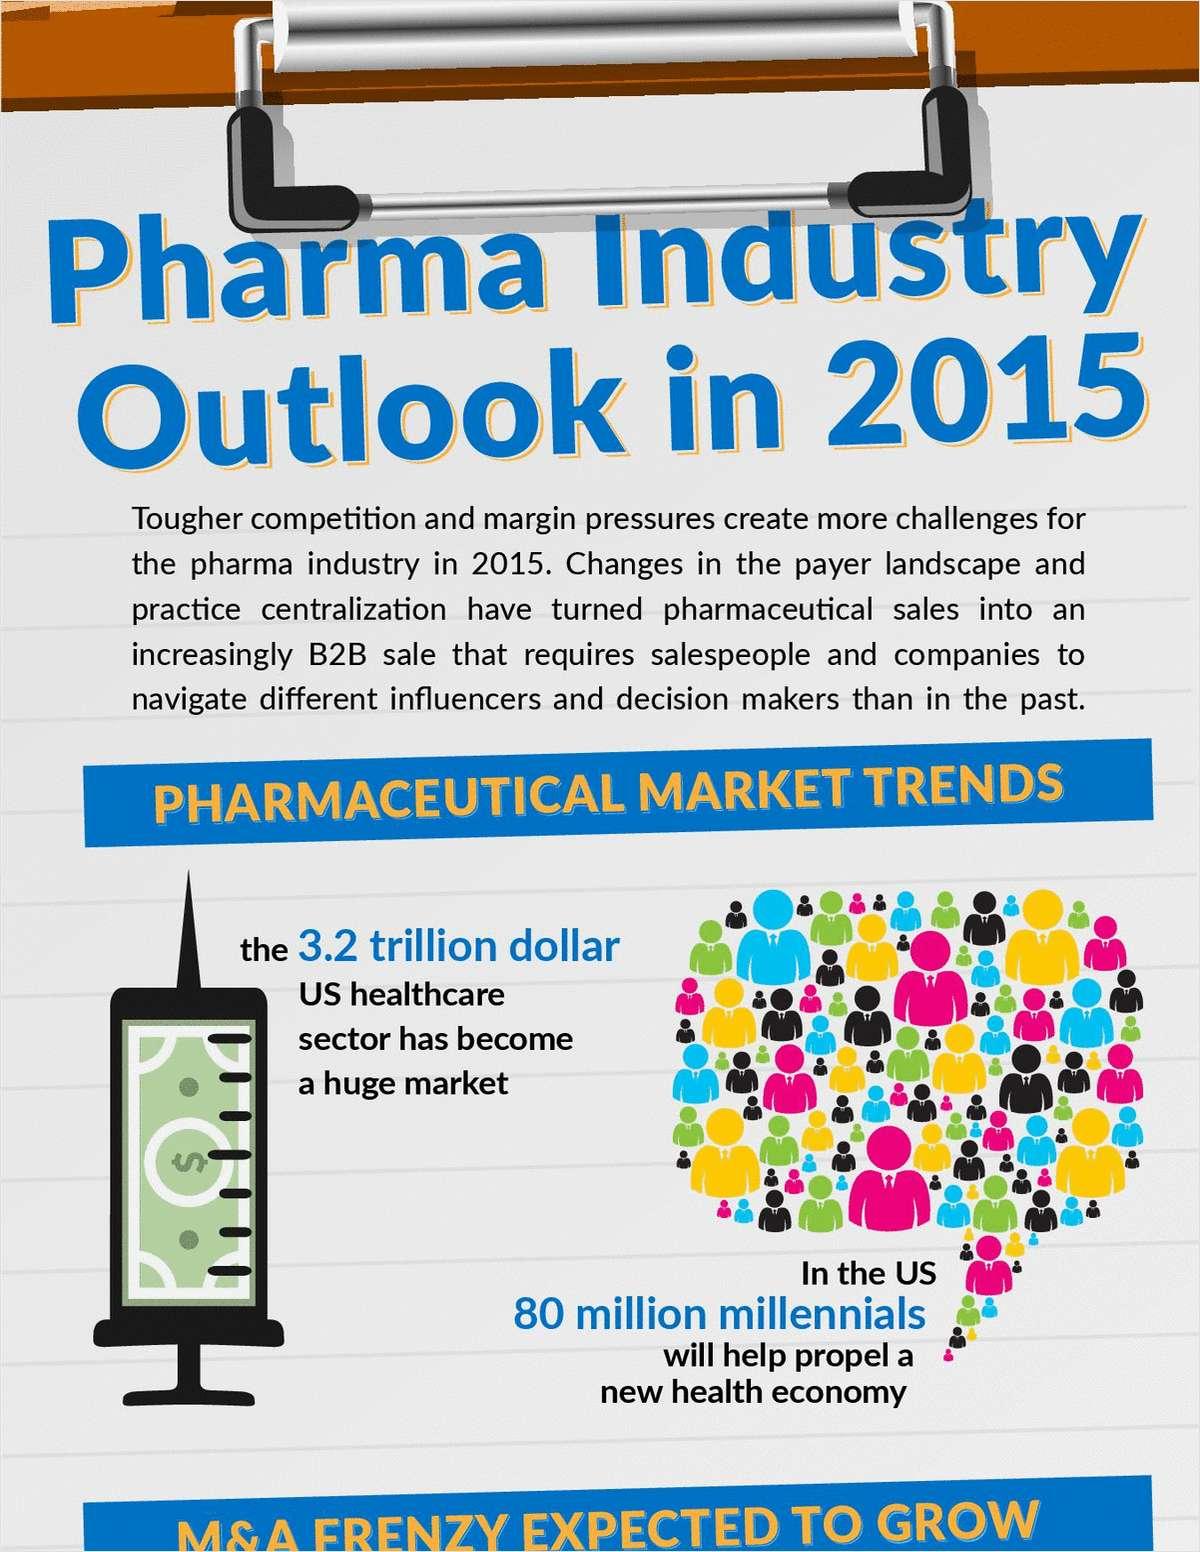 Pharma Industry Outlook in 2015